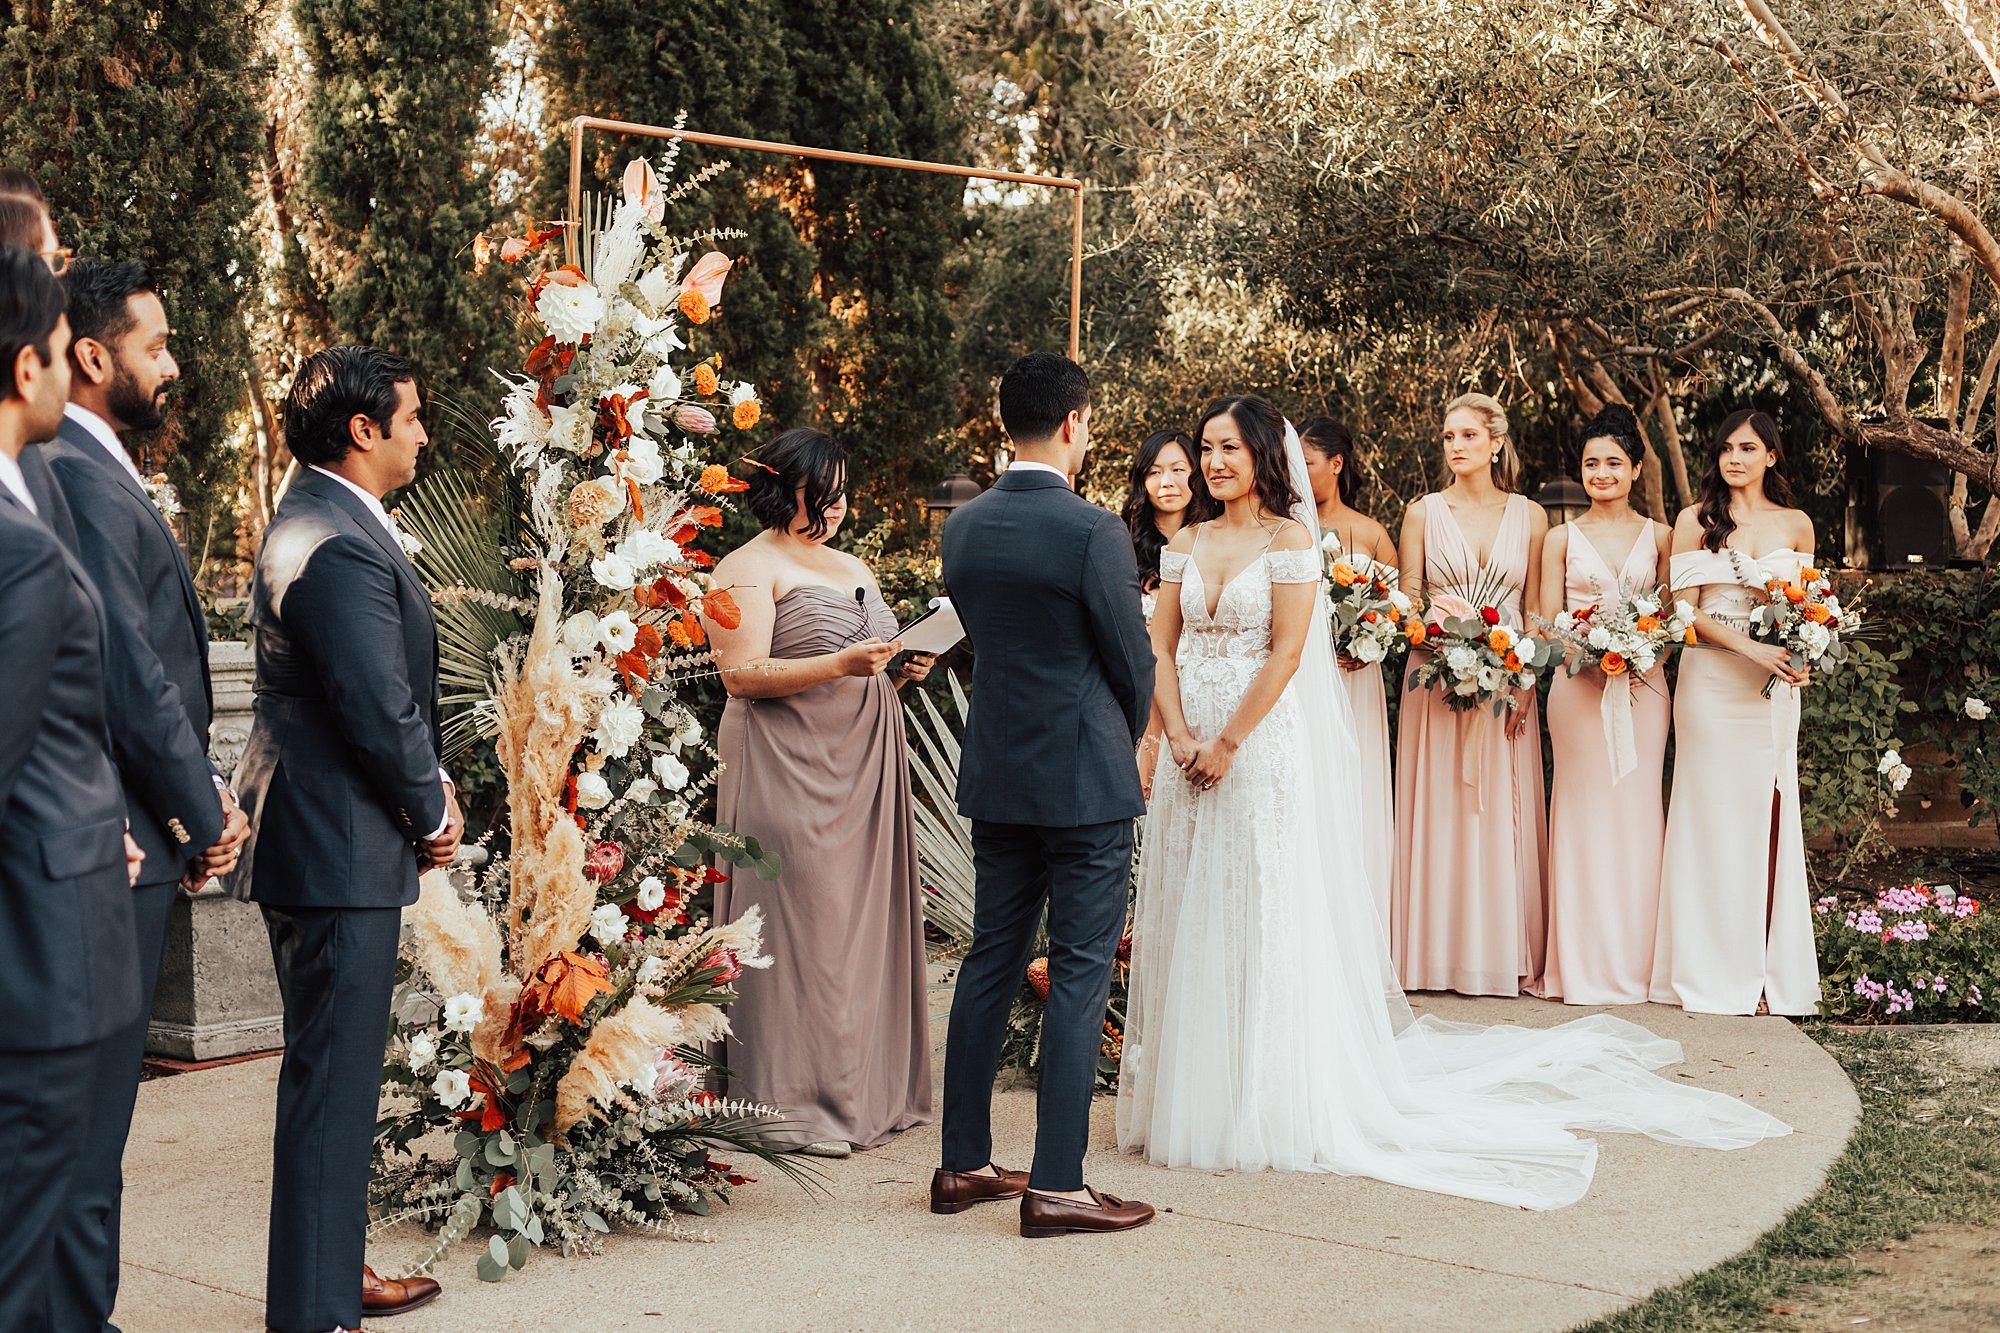 Ceremony in La Jolla